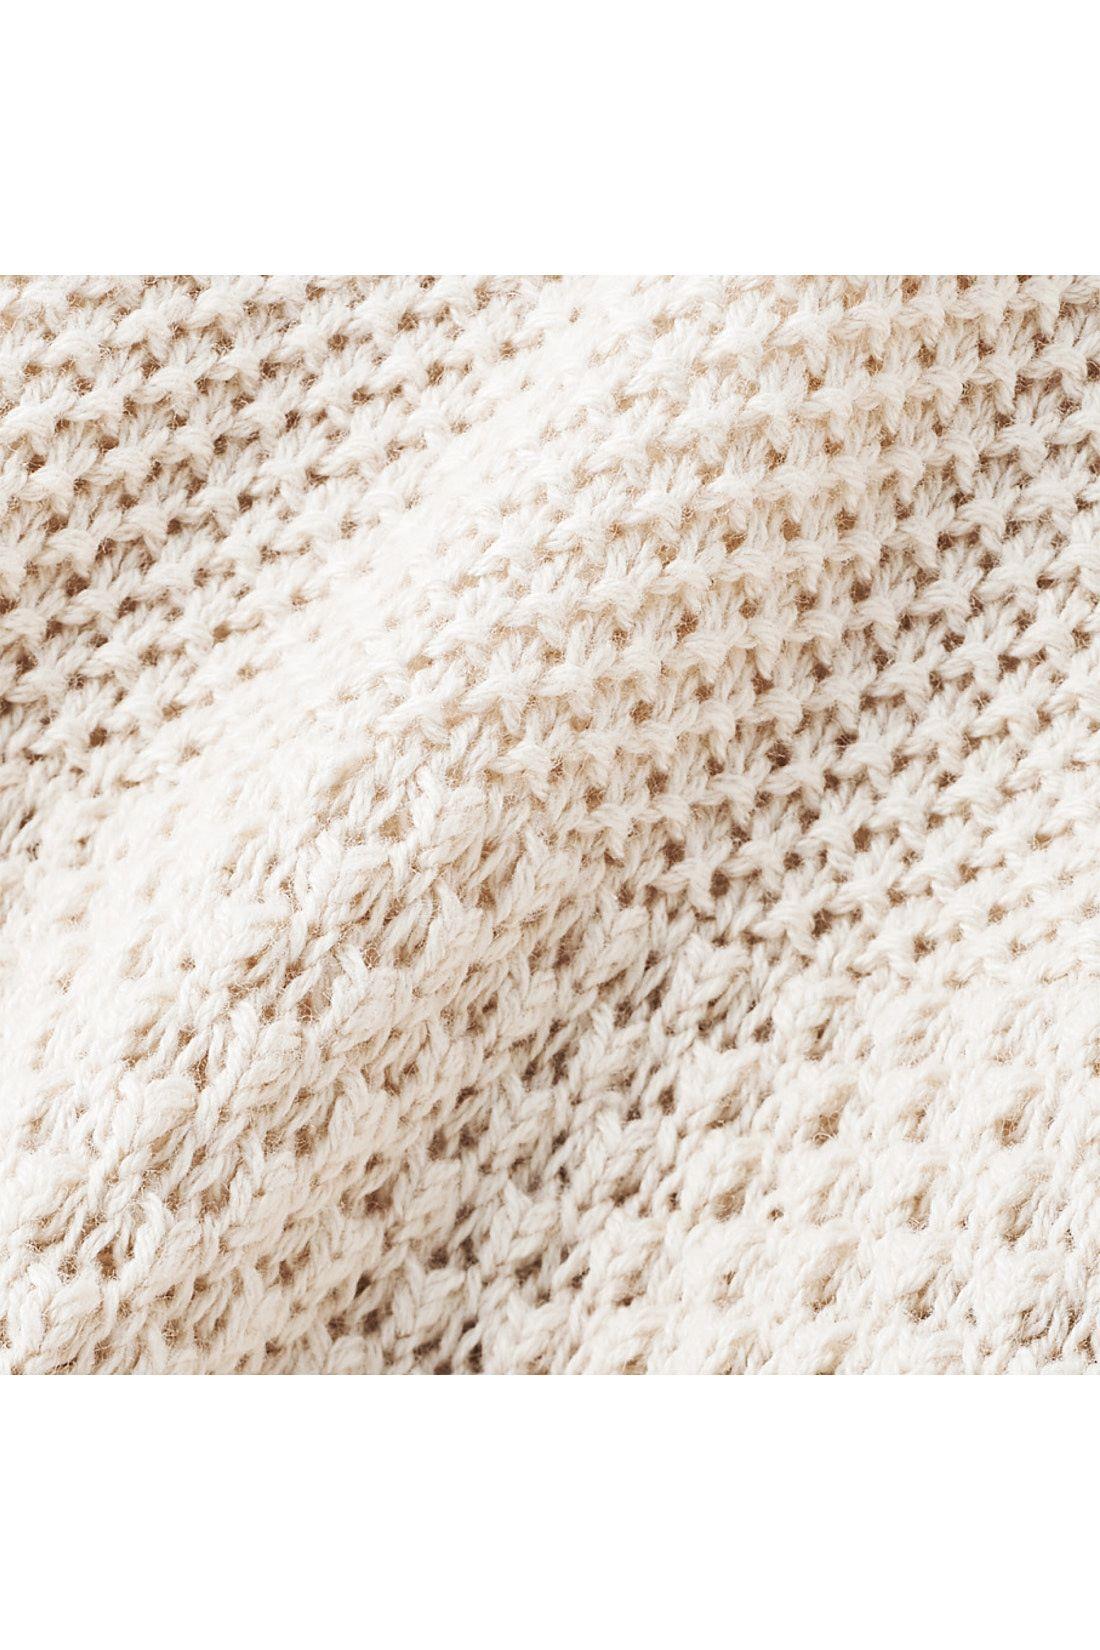 表情豊かで立体的な、かのこ&ワッフル編みの切り替えデザイン。※お届けするカラーとは異なります。